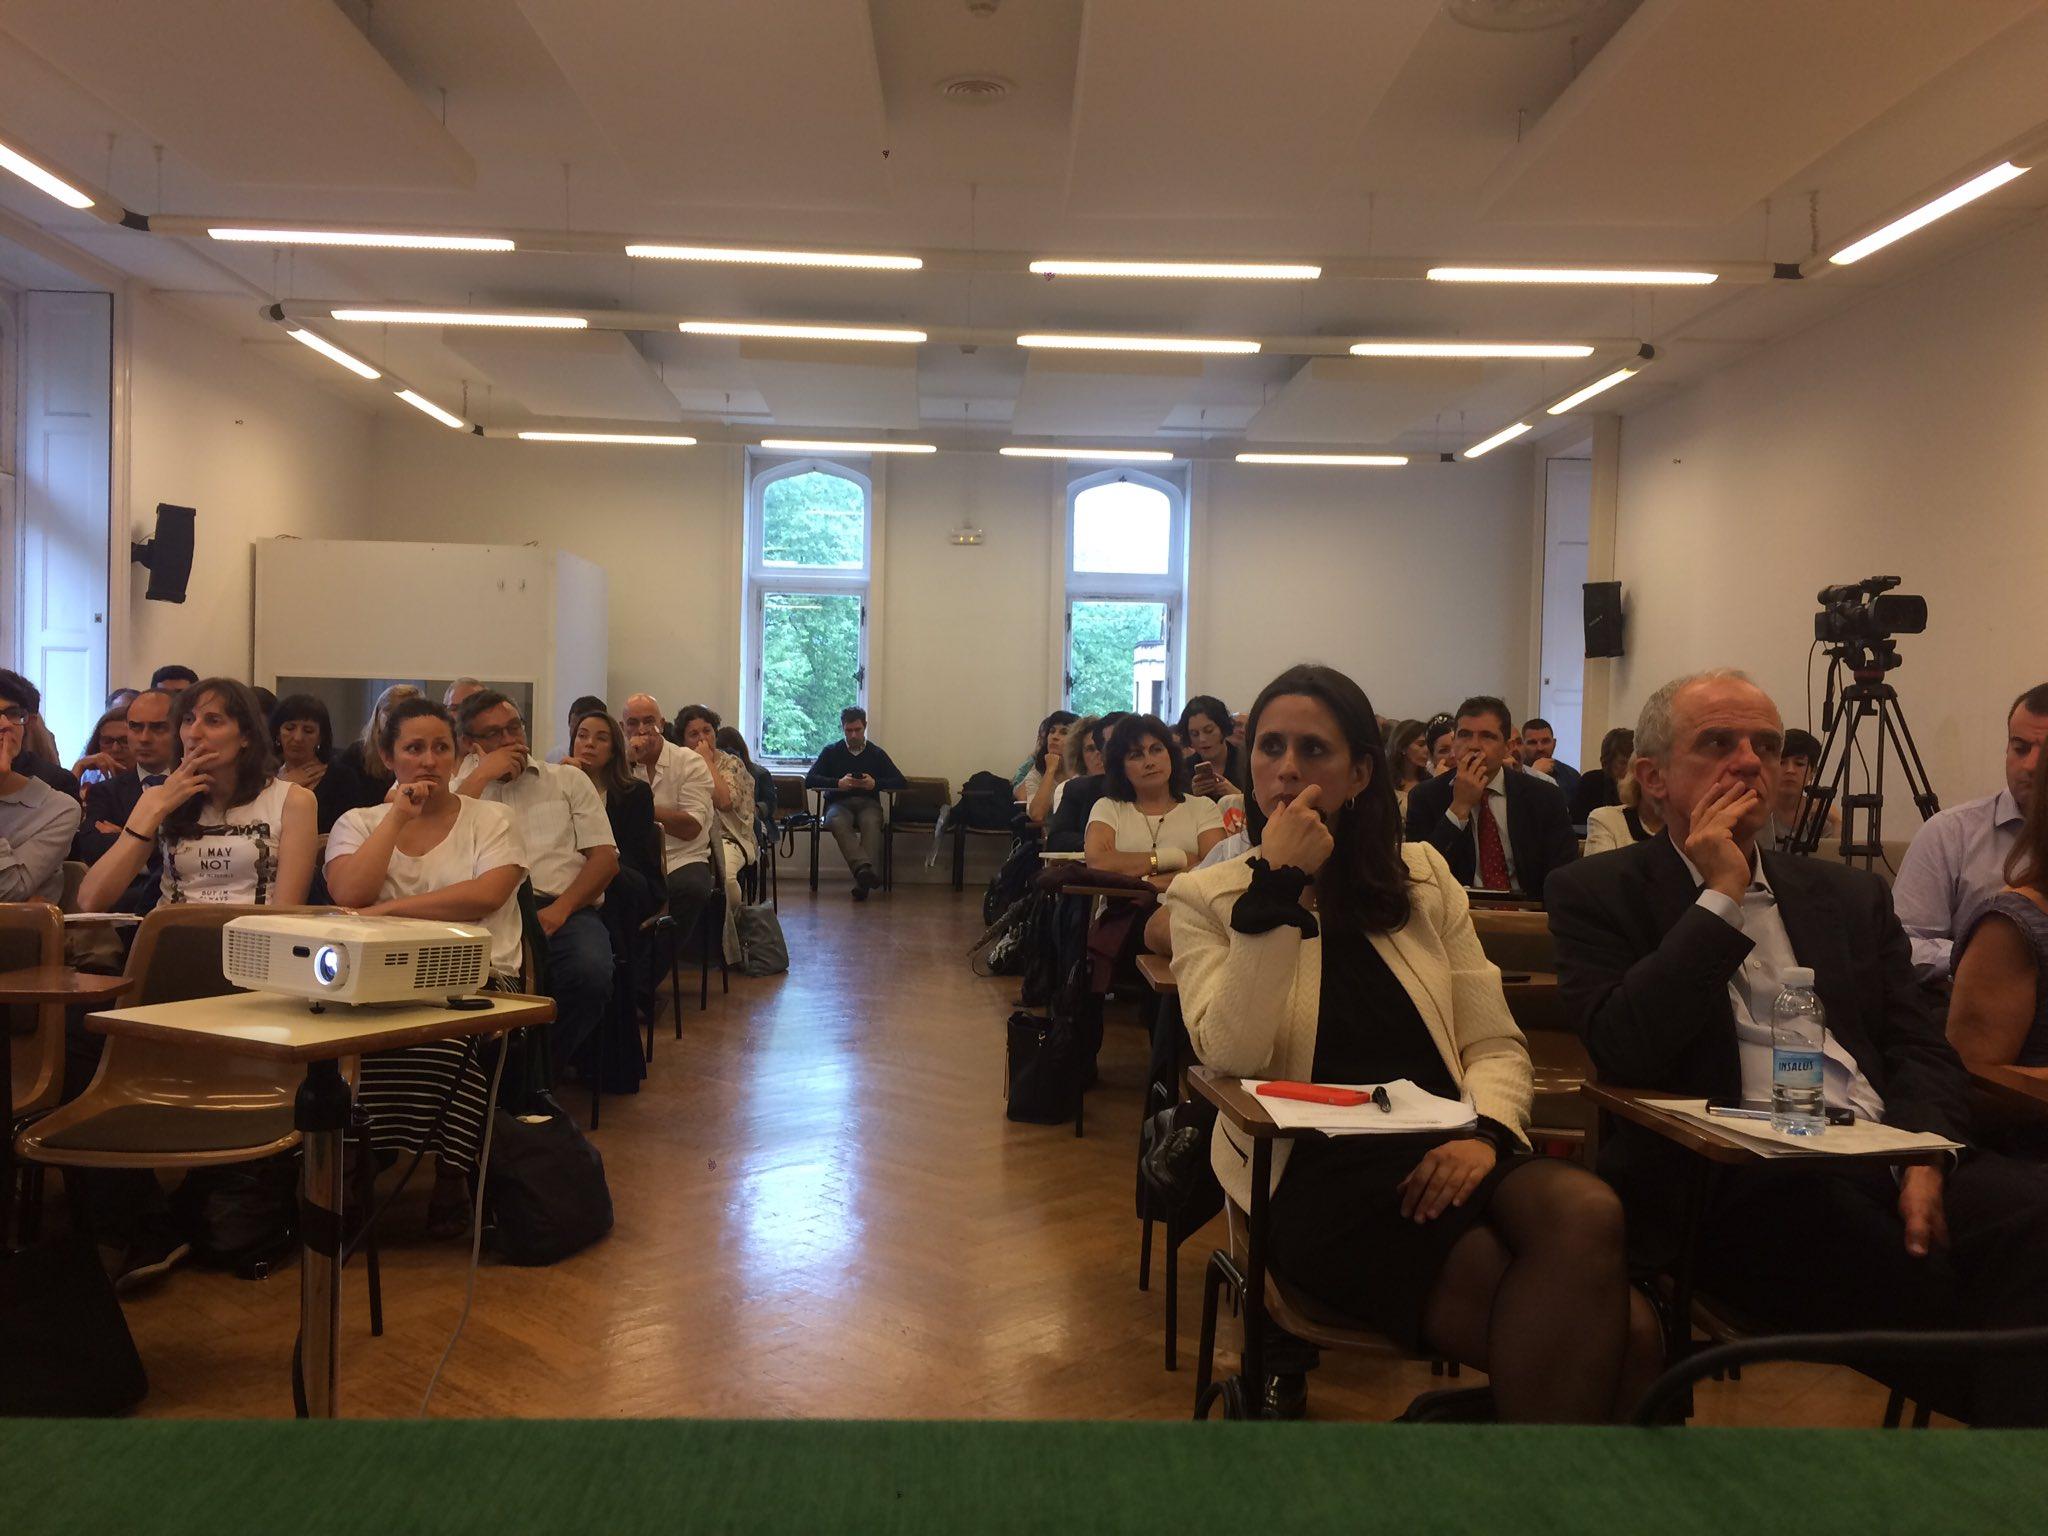 En Mesa soluciones tecnológicas - #cronicidad en #ehealthdonostia la sala atenta a las intervenciones de ponentes https://t.co/vkh3oTHxE5